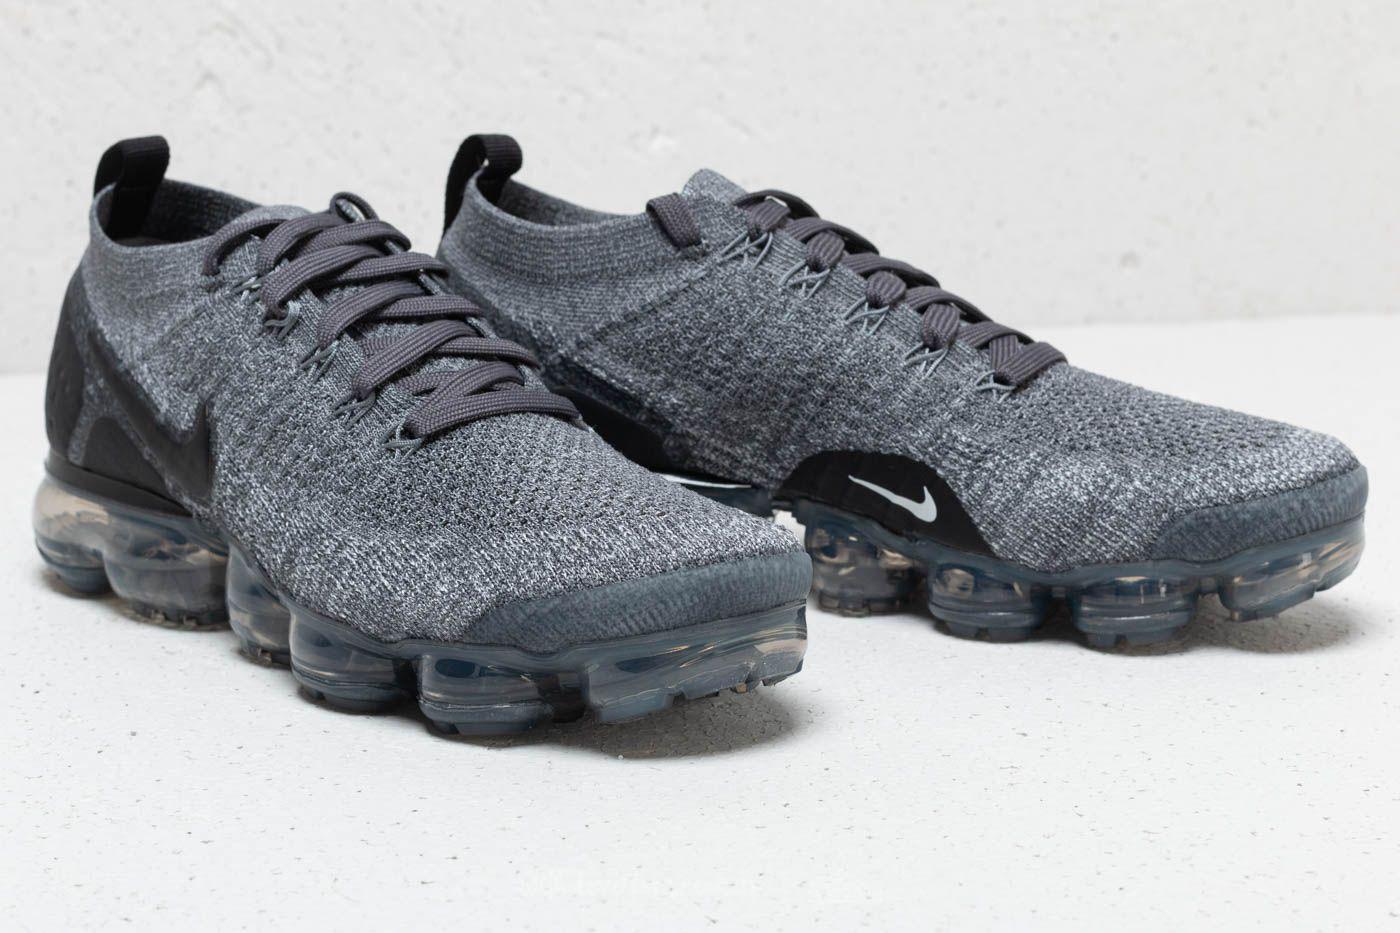 fa565f2e1cc Lyst - Nike Air Vapormax Flyknit 2 Dark Grey  Black-wolf Grey in ...